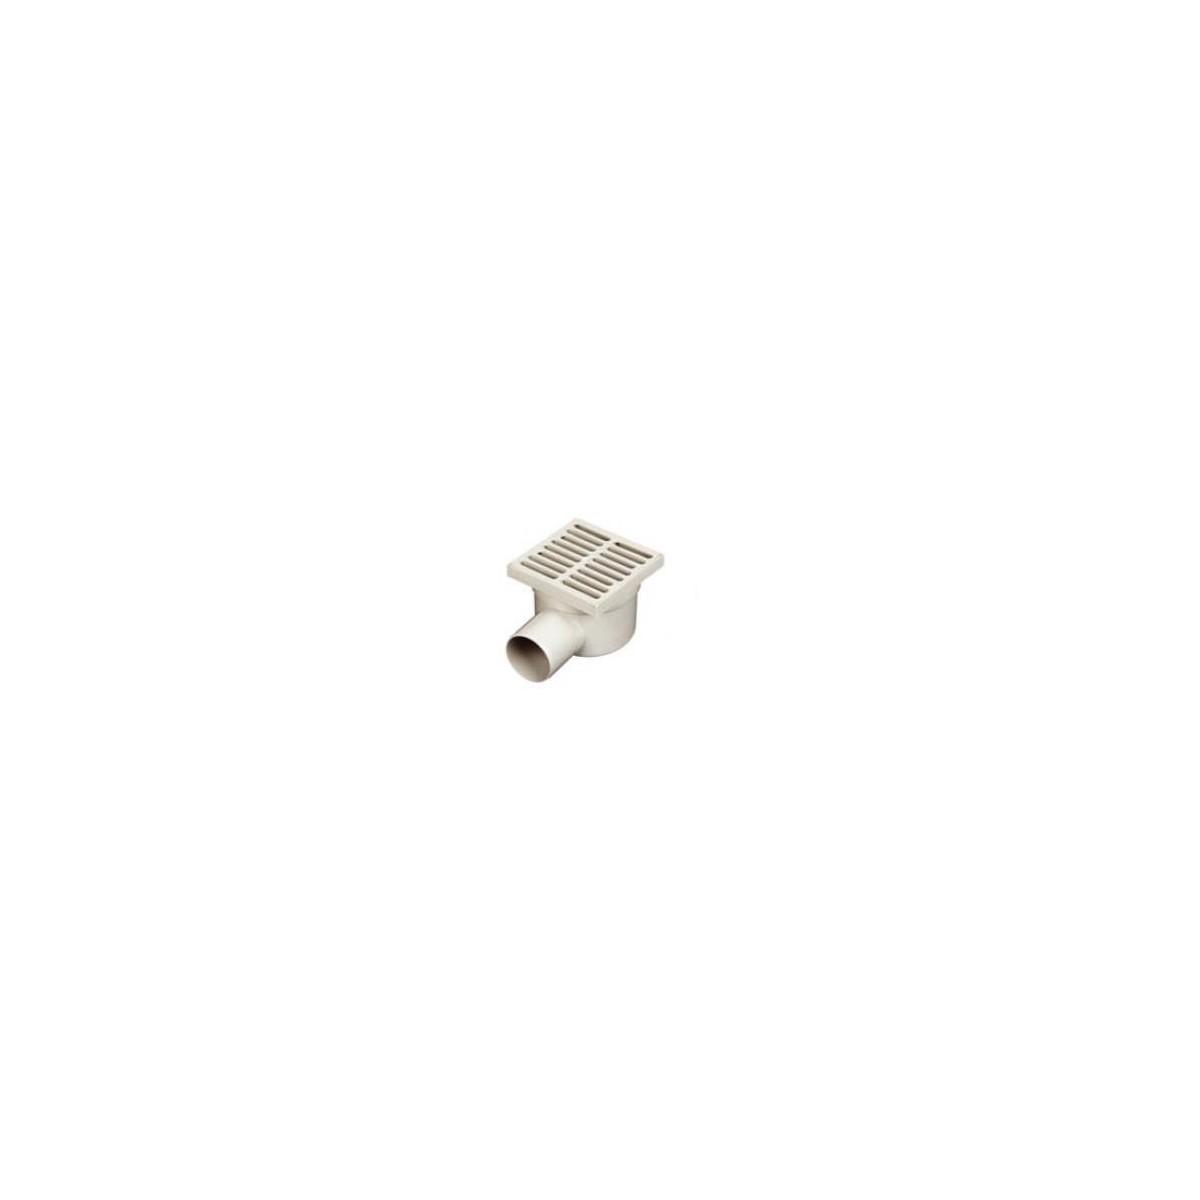 Wpust podłogowy 150x150, Φ50 poziomy